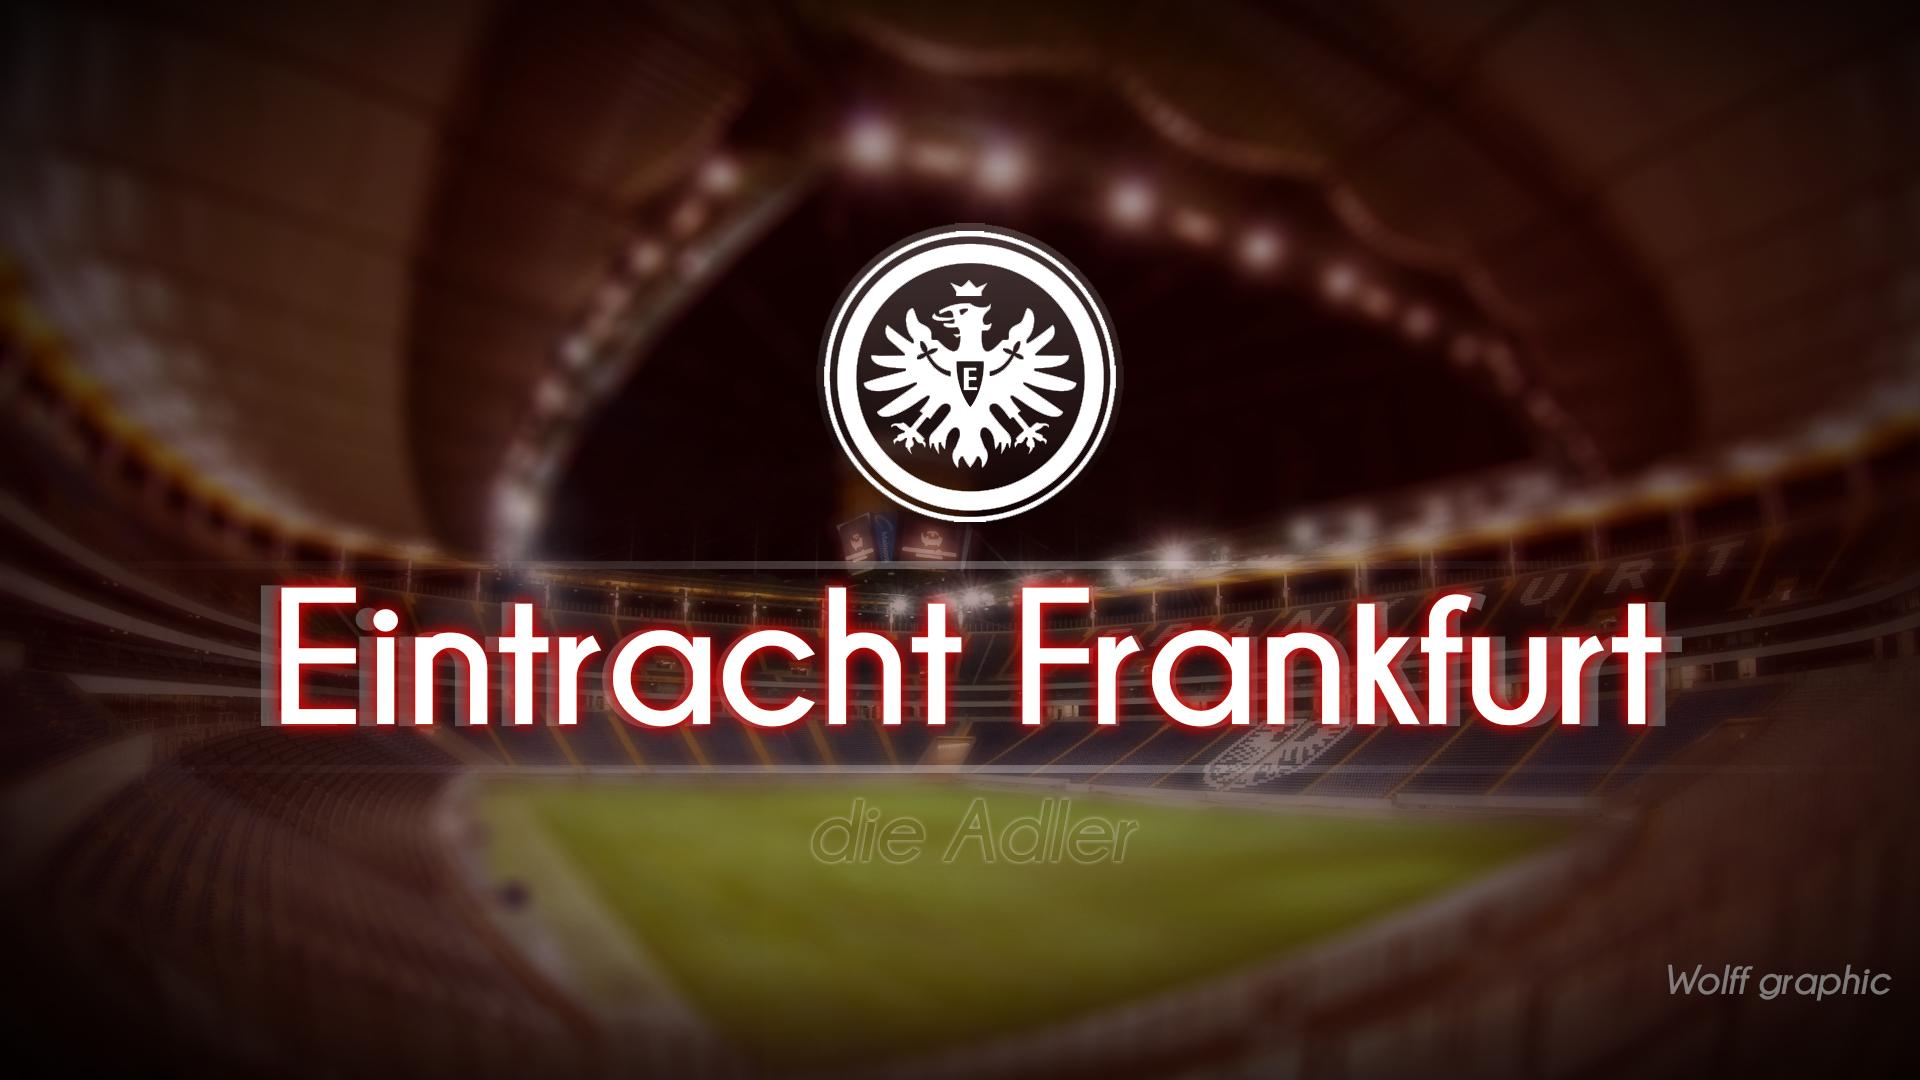 eintracht frankfurt wallpaper by wolff10 on deviantart. Black Bedroom Furniture Sets. Home Design Ideas